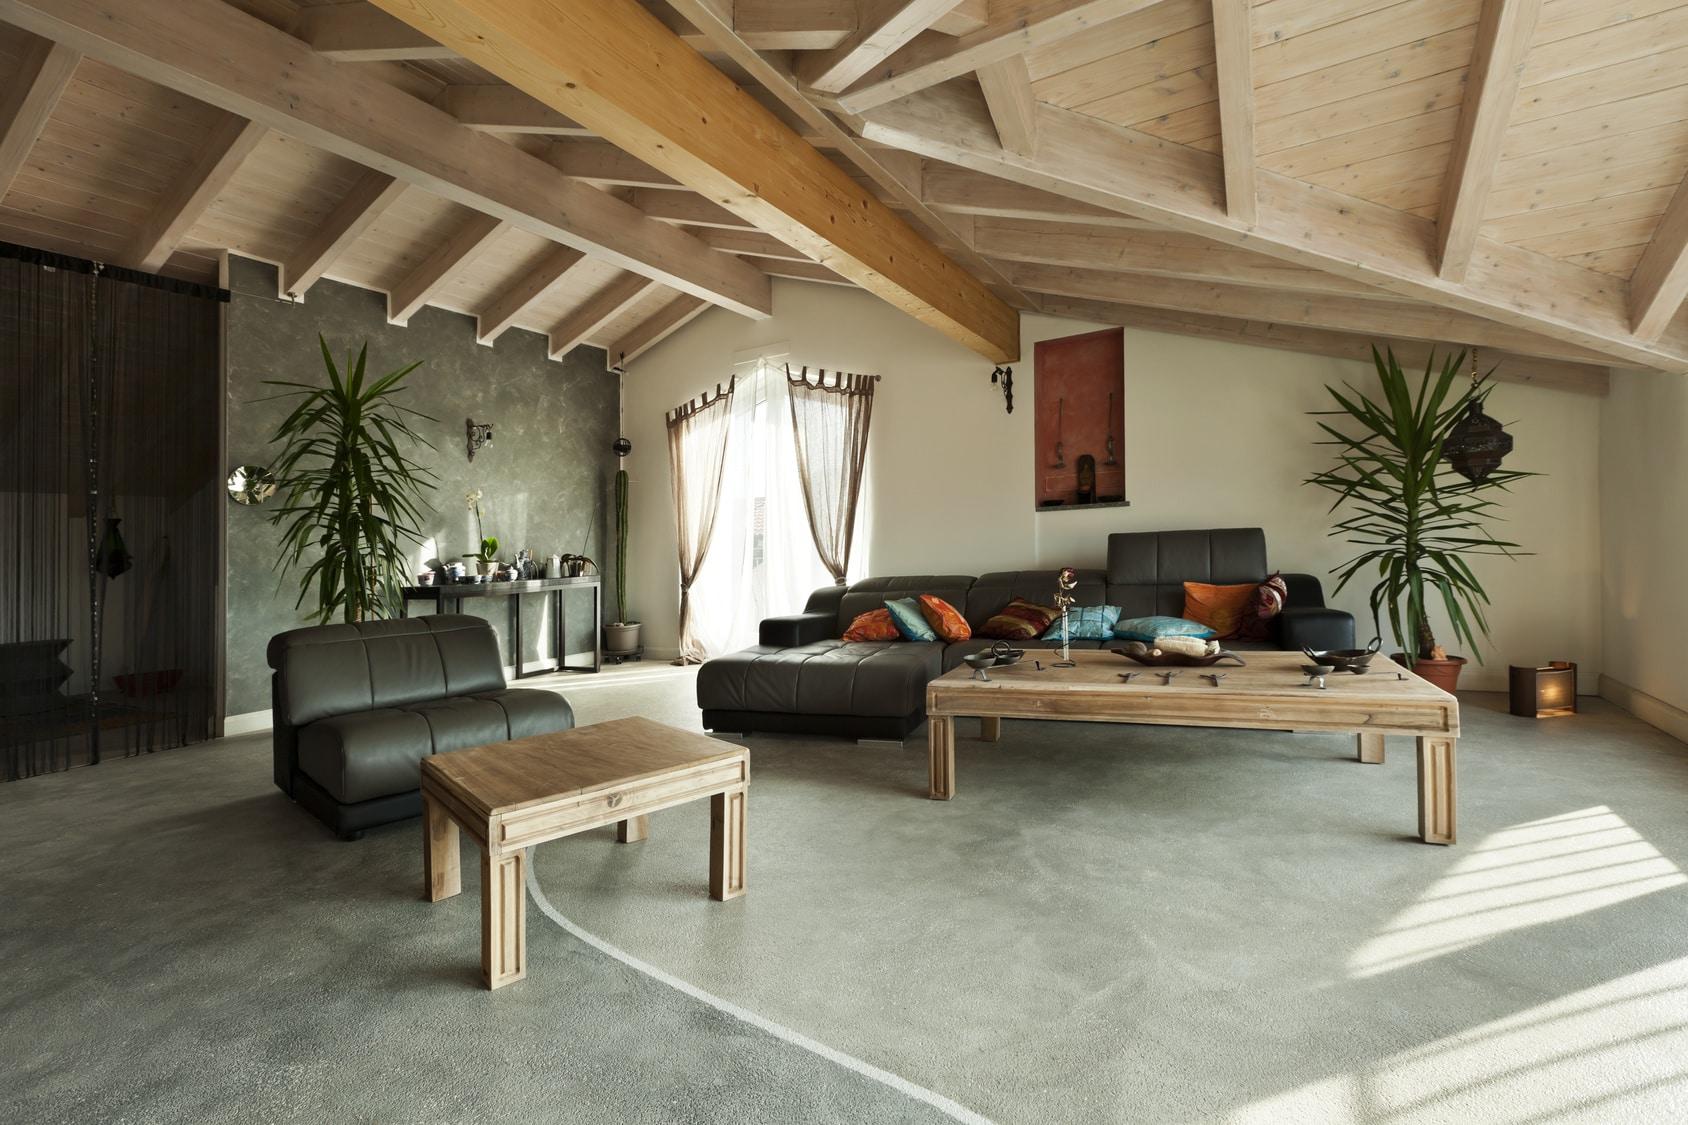 Raumgestaltung Wohnzimmer Modern